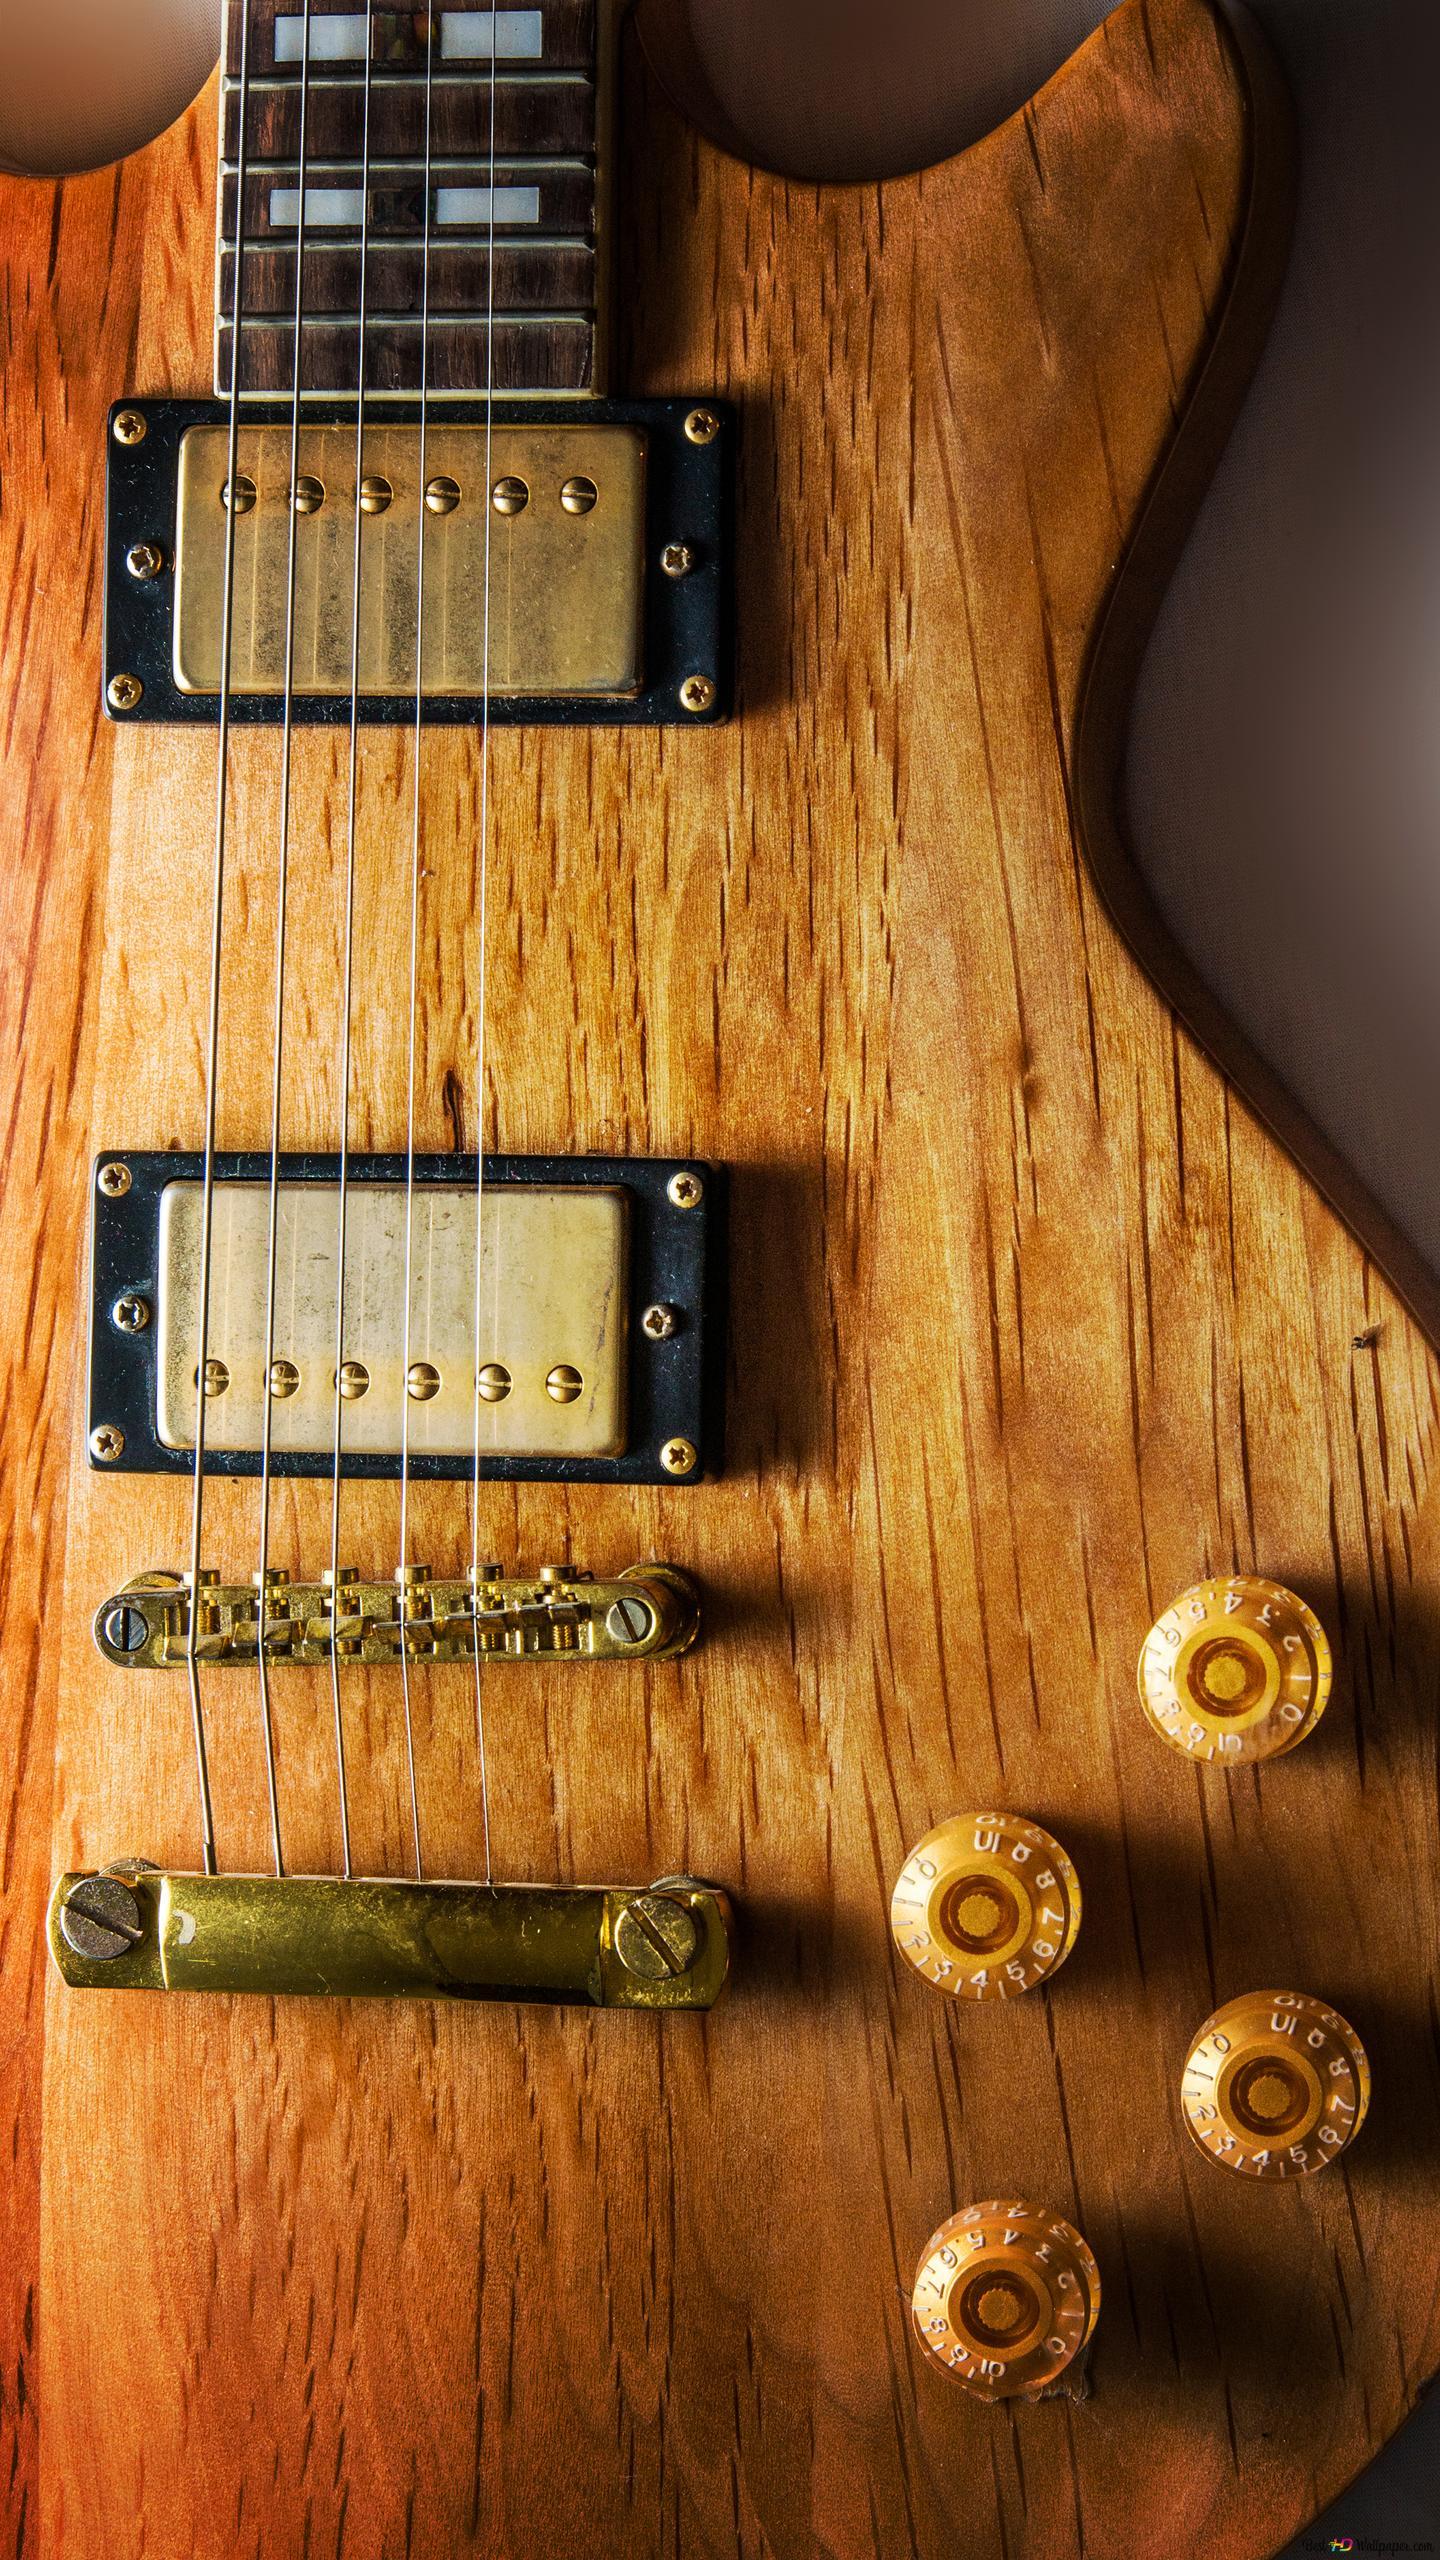 逆さベースギター Hd壁紙のダウンロード